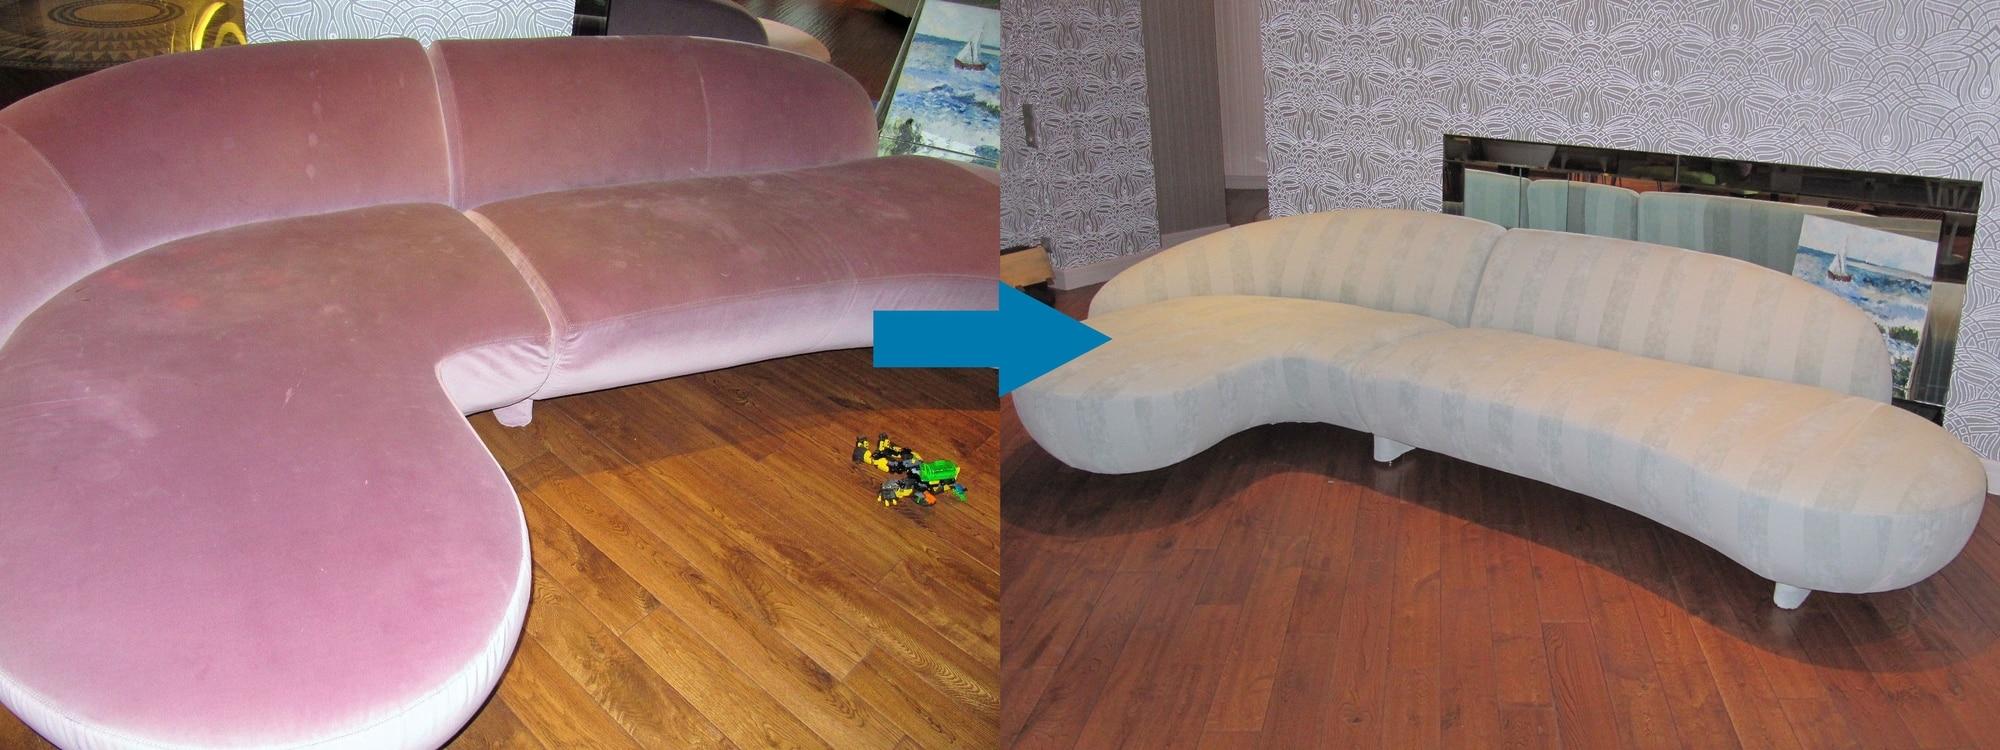 Как заменить обивку дивана своими руками